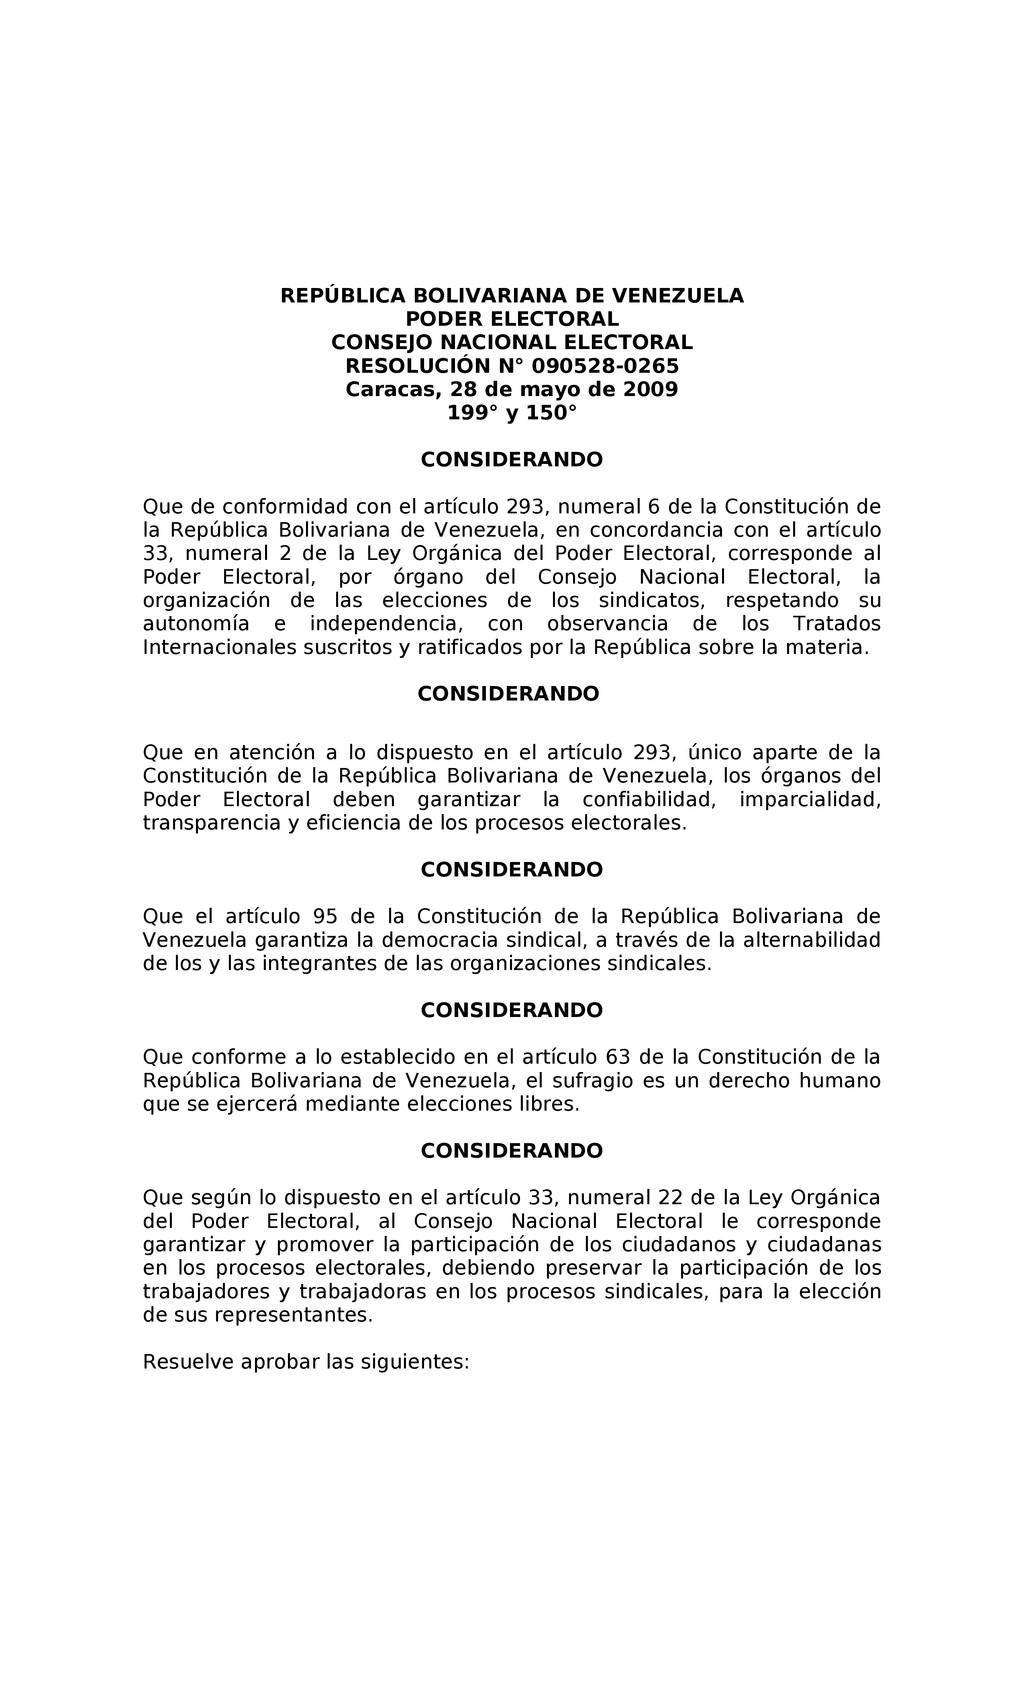 REPÚBLICA BOLIVARIANA DE VENEZUELA PODER ELECTO...